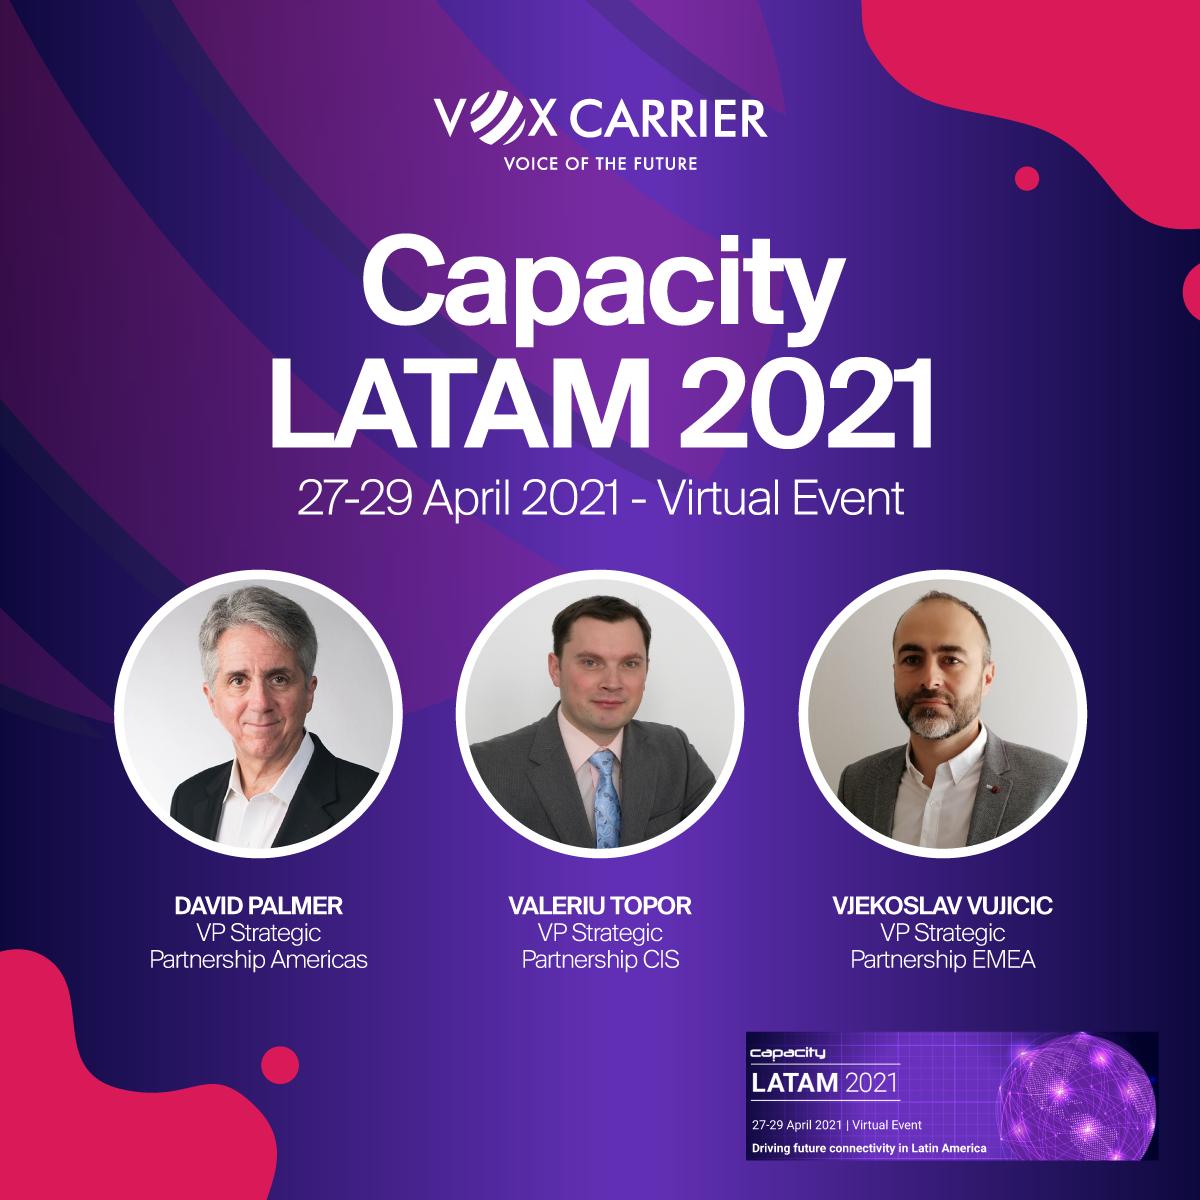 Capacity LATAM 2021 event